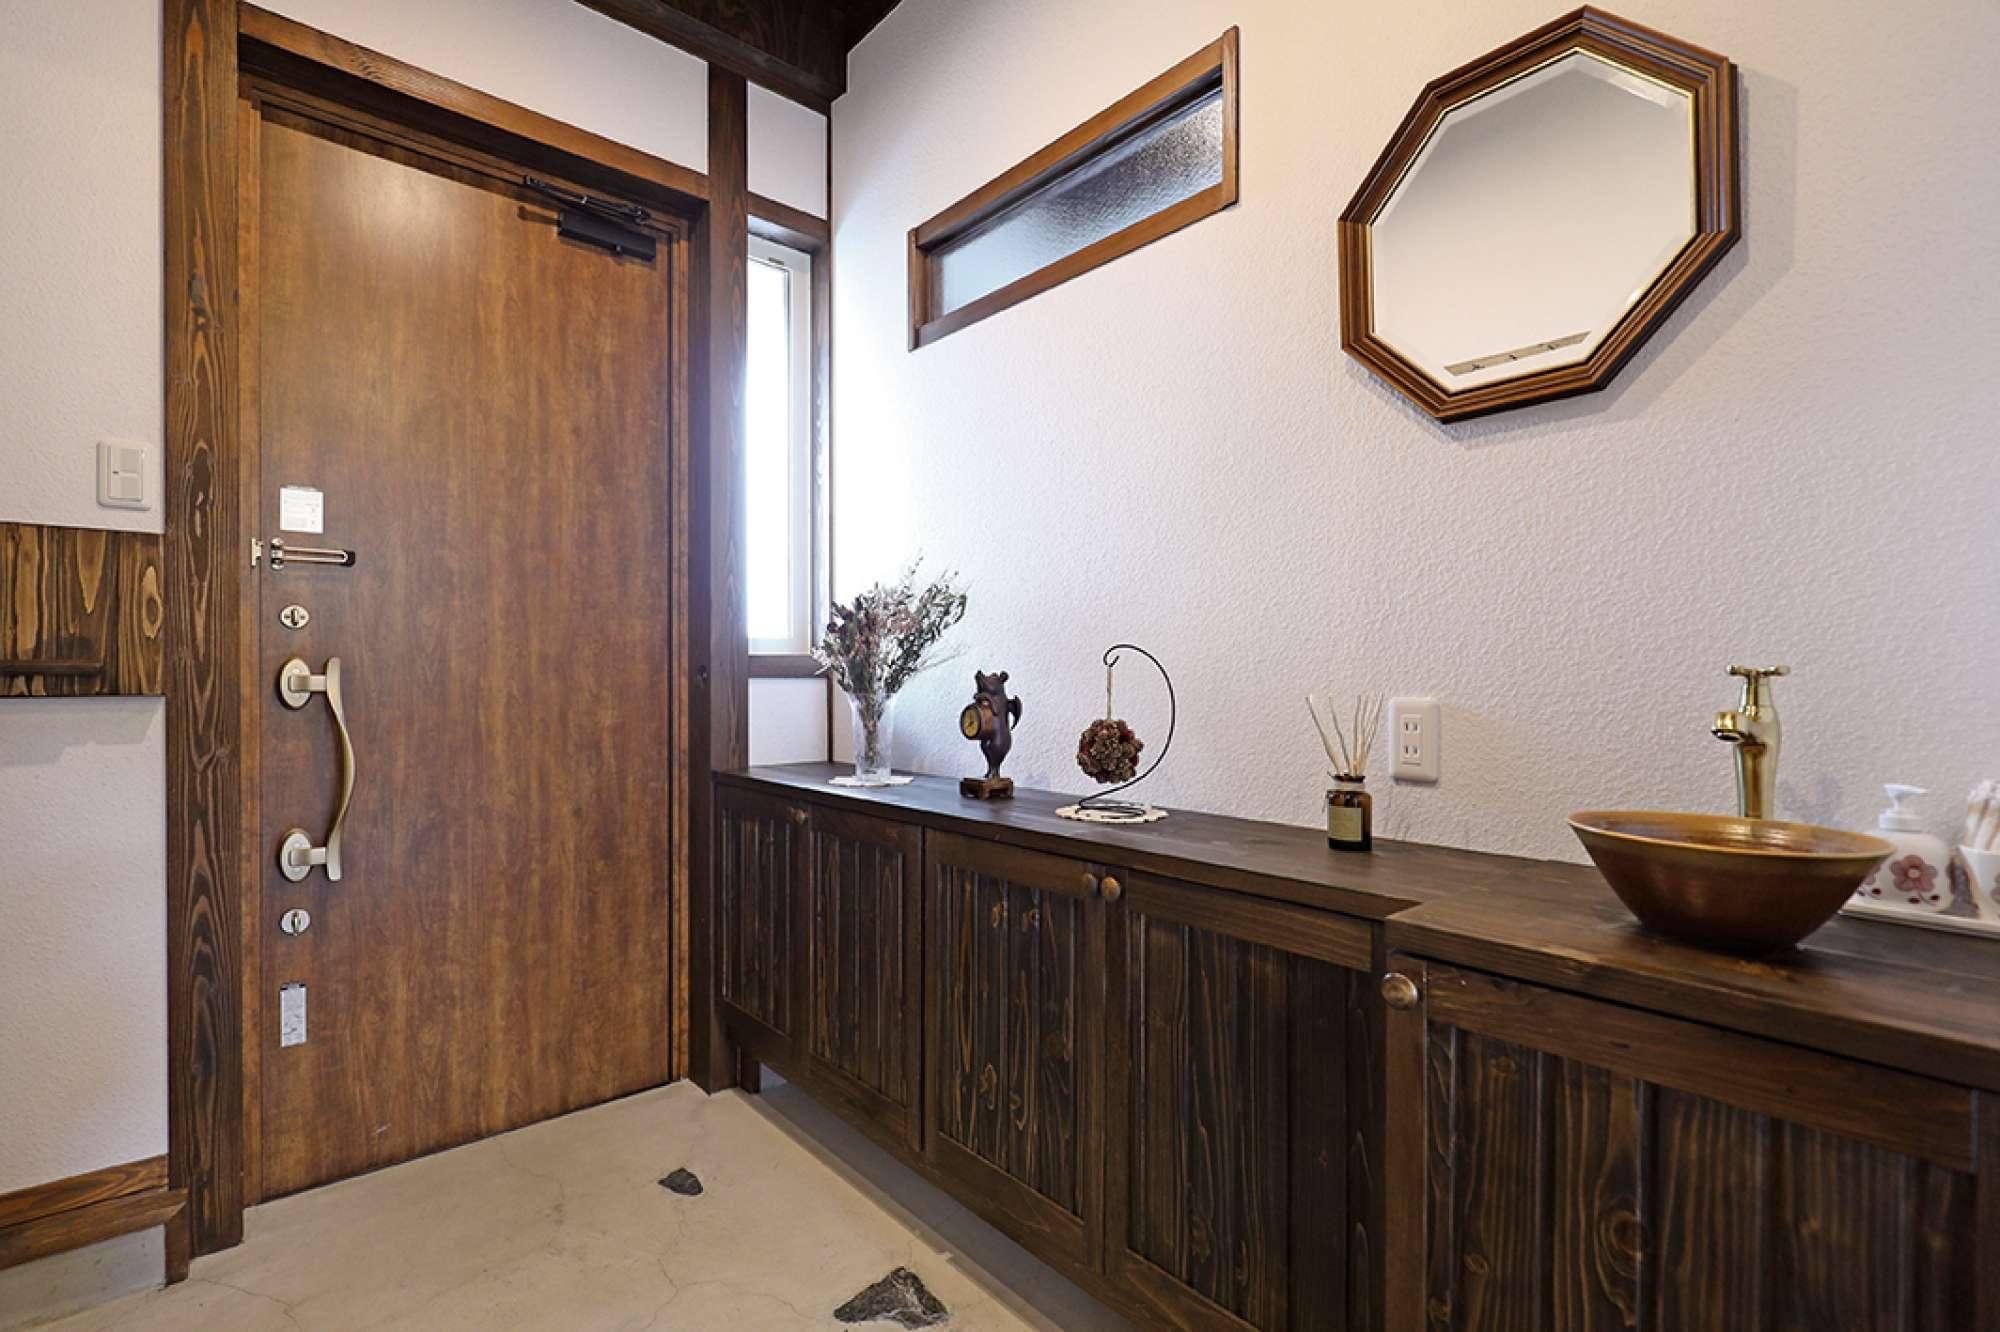 土間玄関に映える造作下駄箱は、陶器ボウルの手洗い付き -  -  -